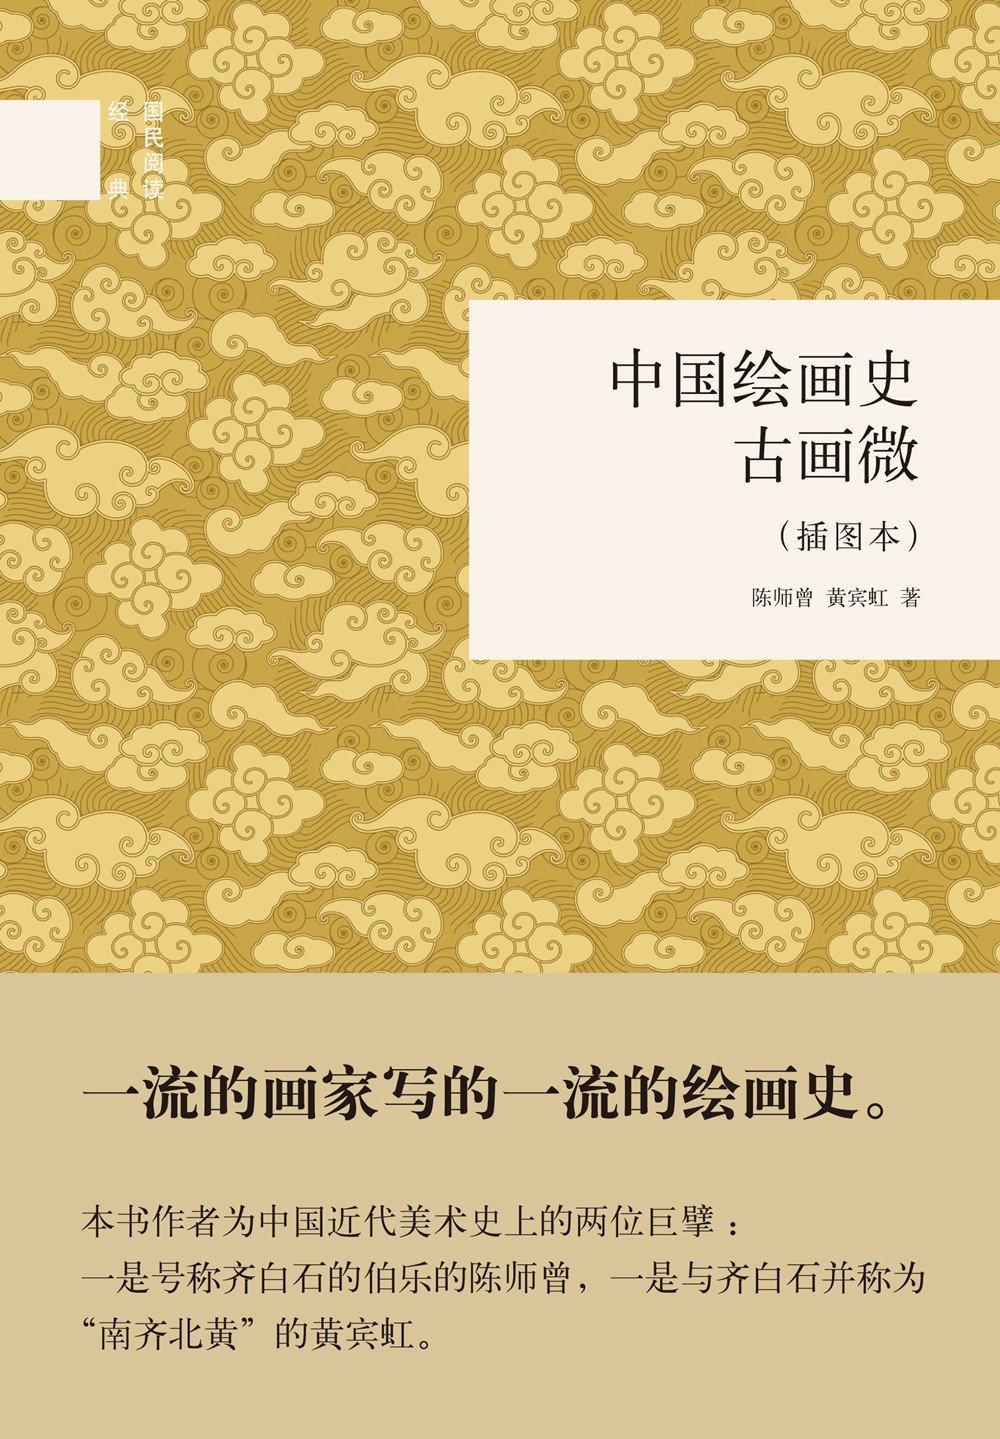 中國繪畫史 古畫微^(插圖本^)